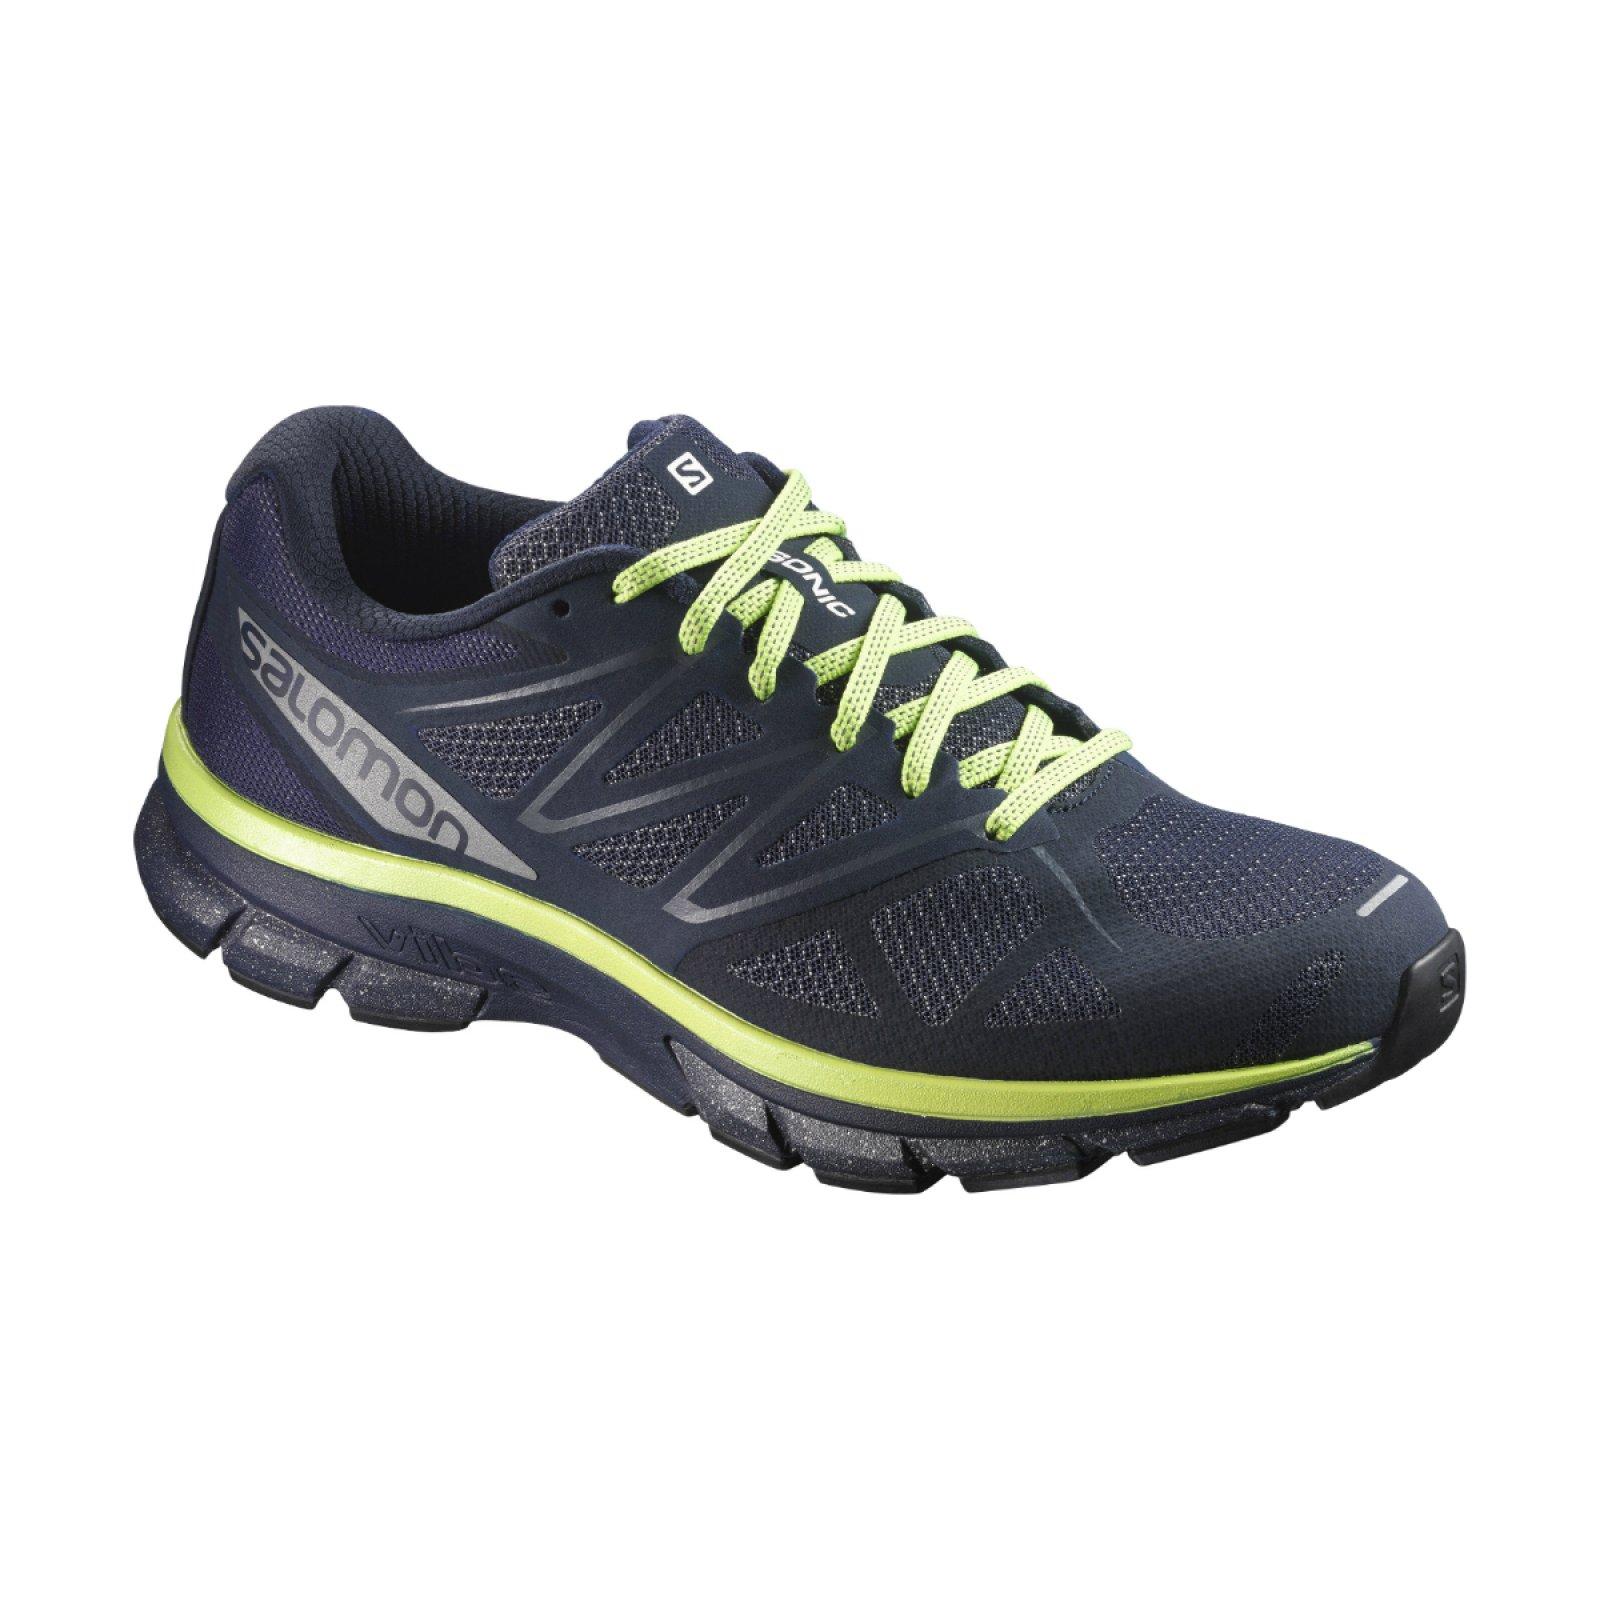 1c549707308 Silniční běžecké boty Salomon Sonic Nocturne M L39458300 - Actisport.cz